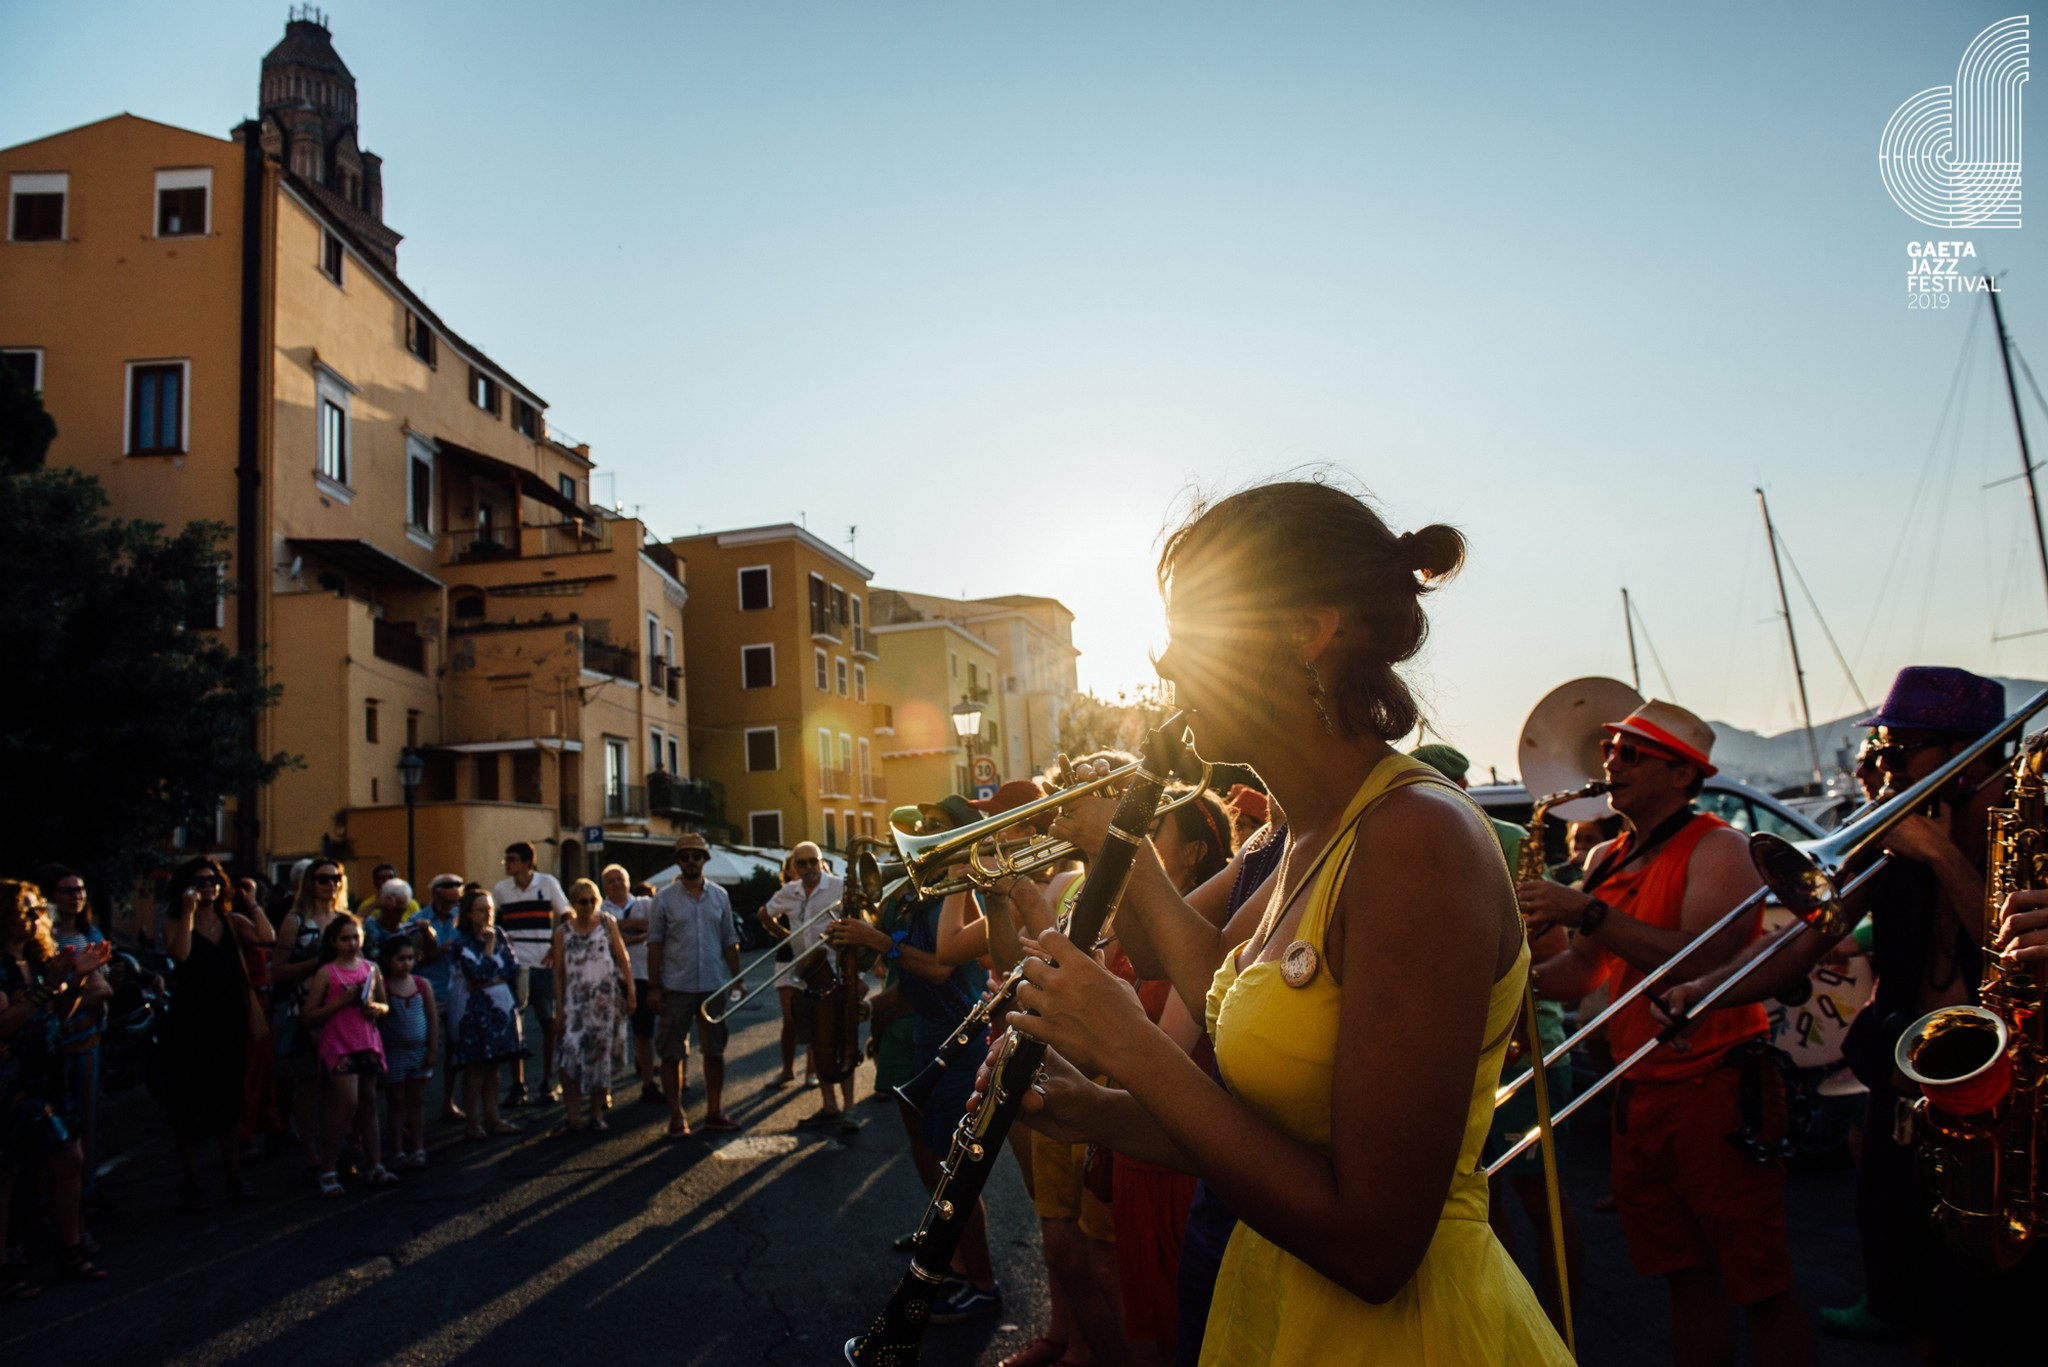 Flavia_Fiengo_Gaeta_Jazz_Festival_live_2019__00026